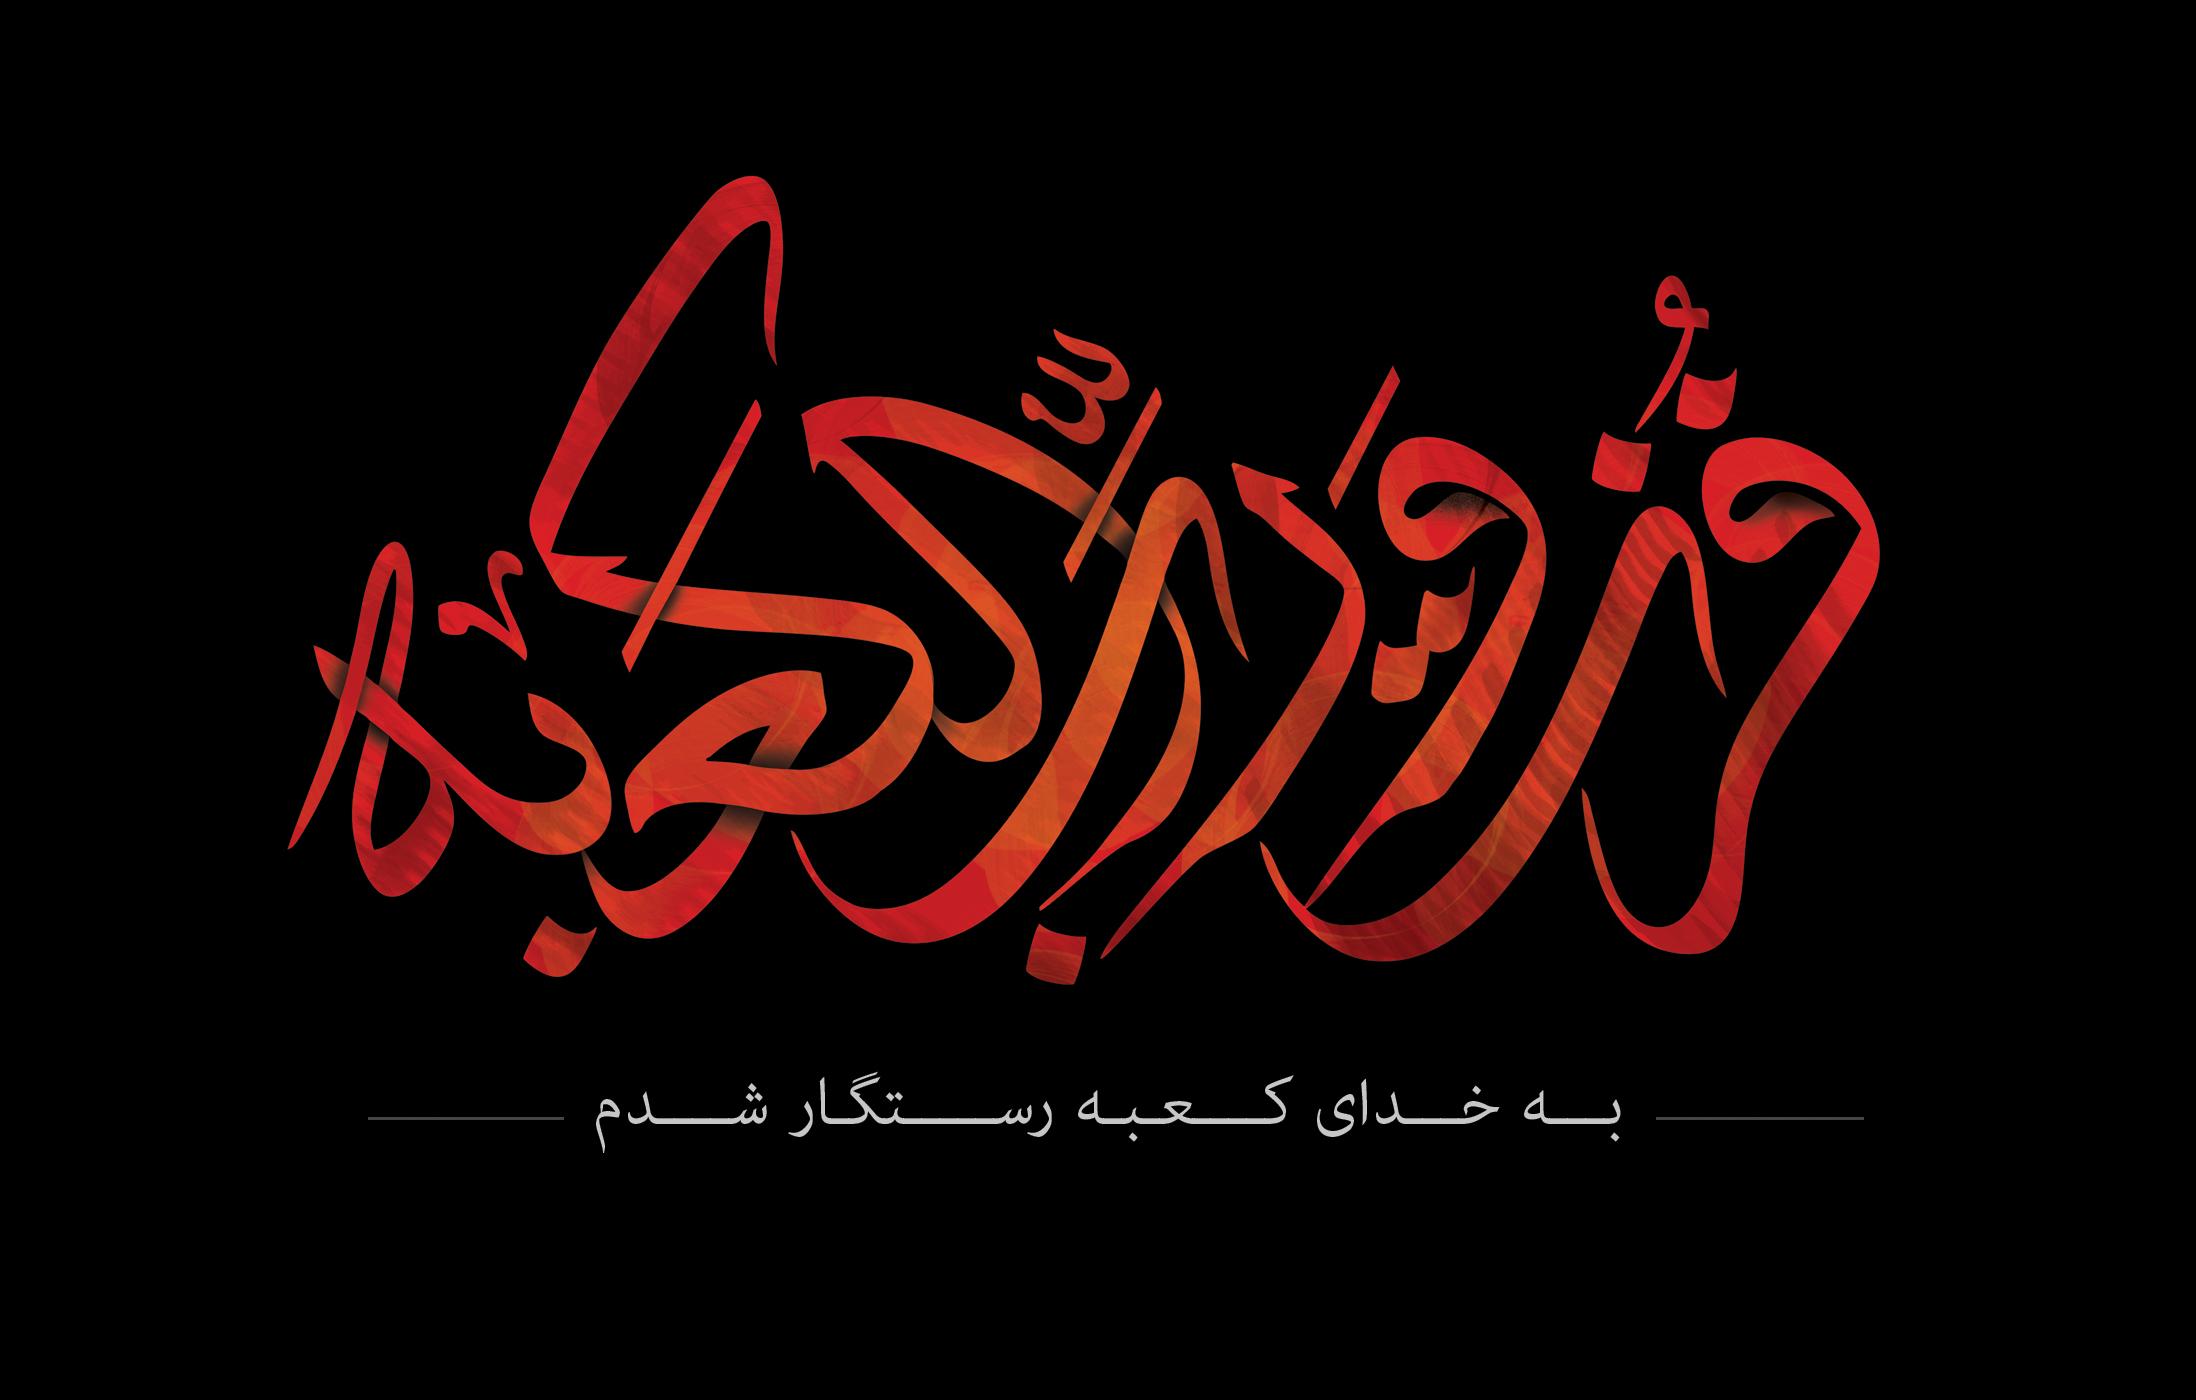 پوستر حضرت علی (ع)